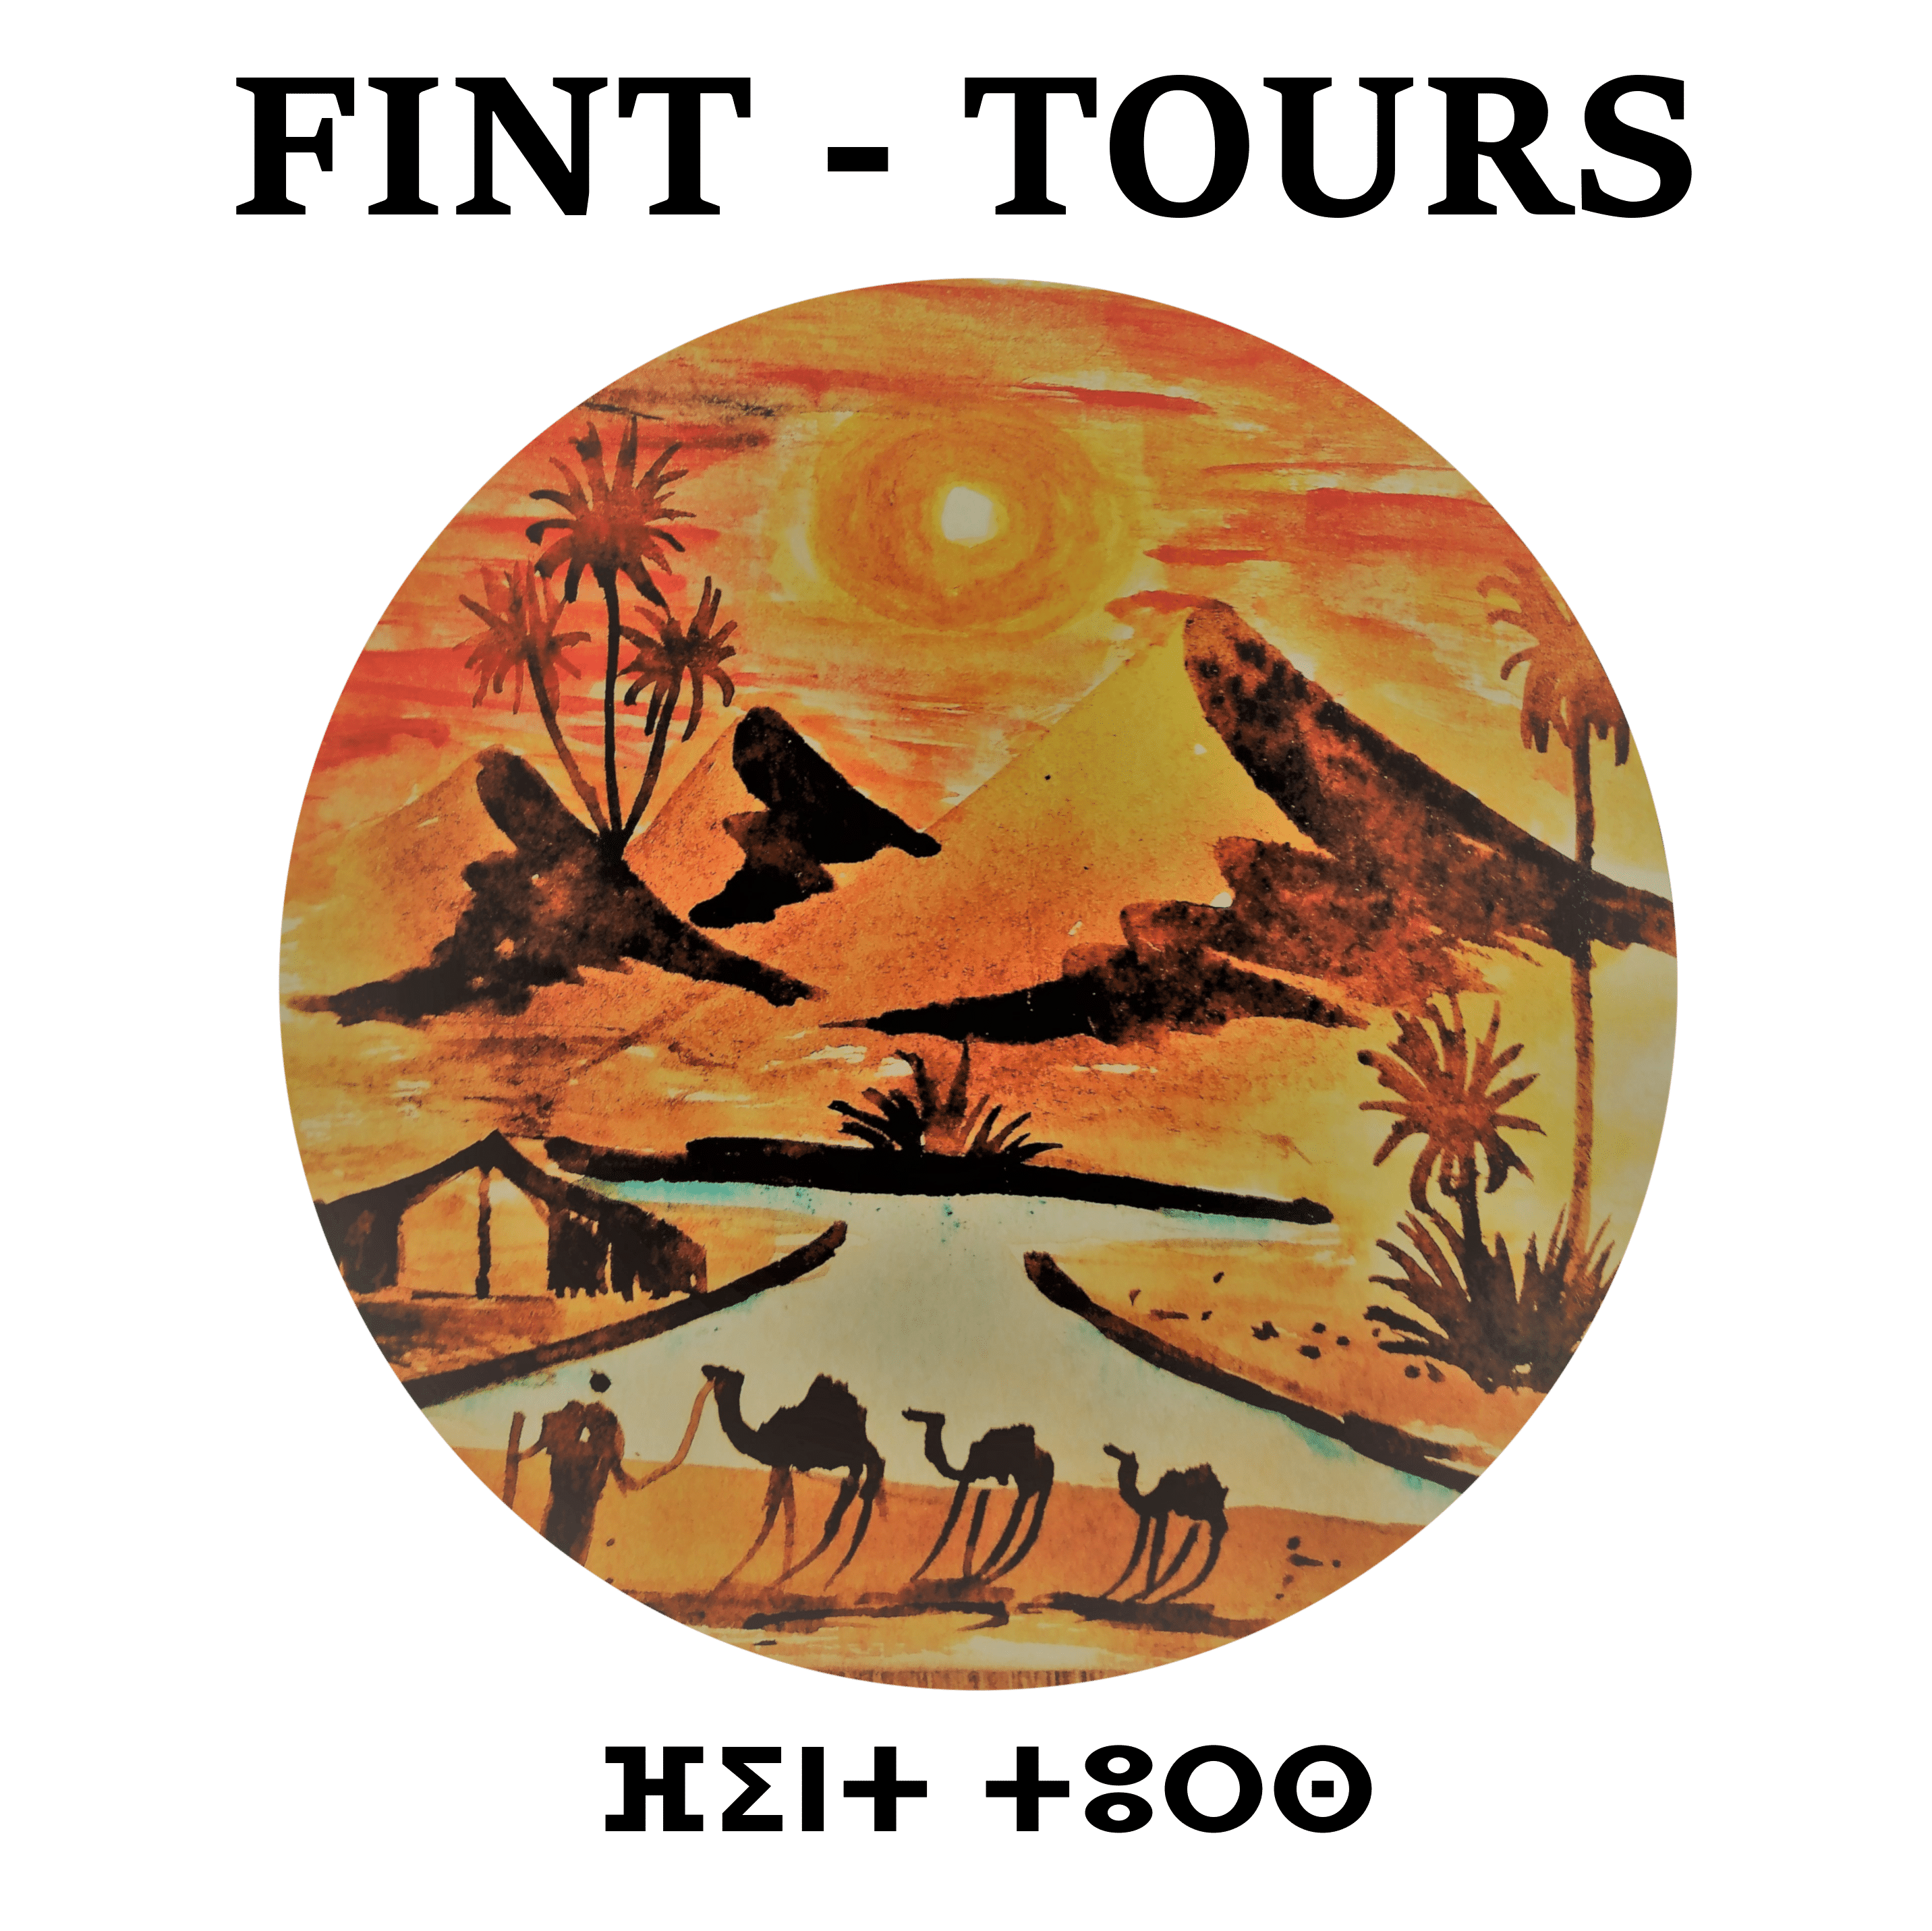 FINT-TOURS